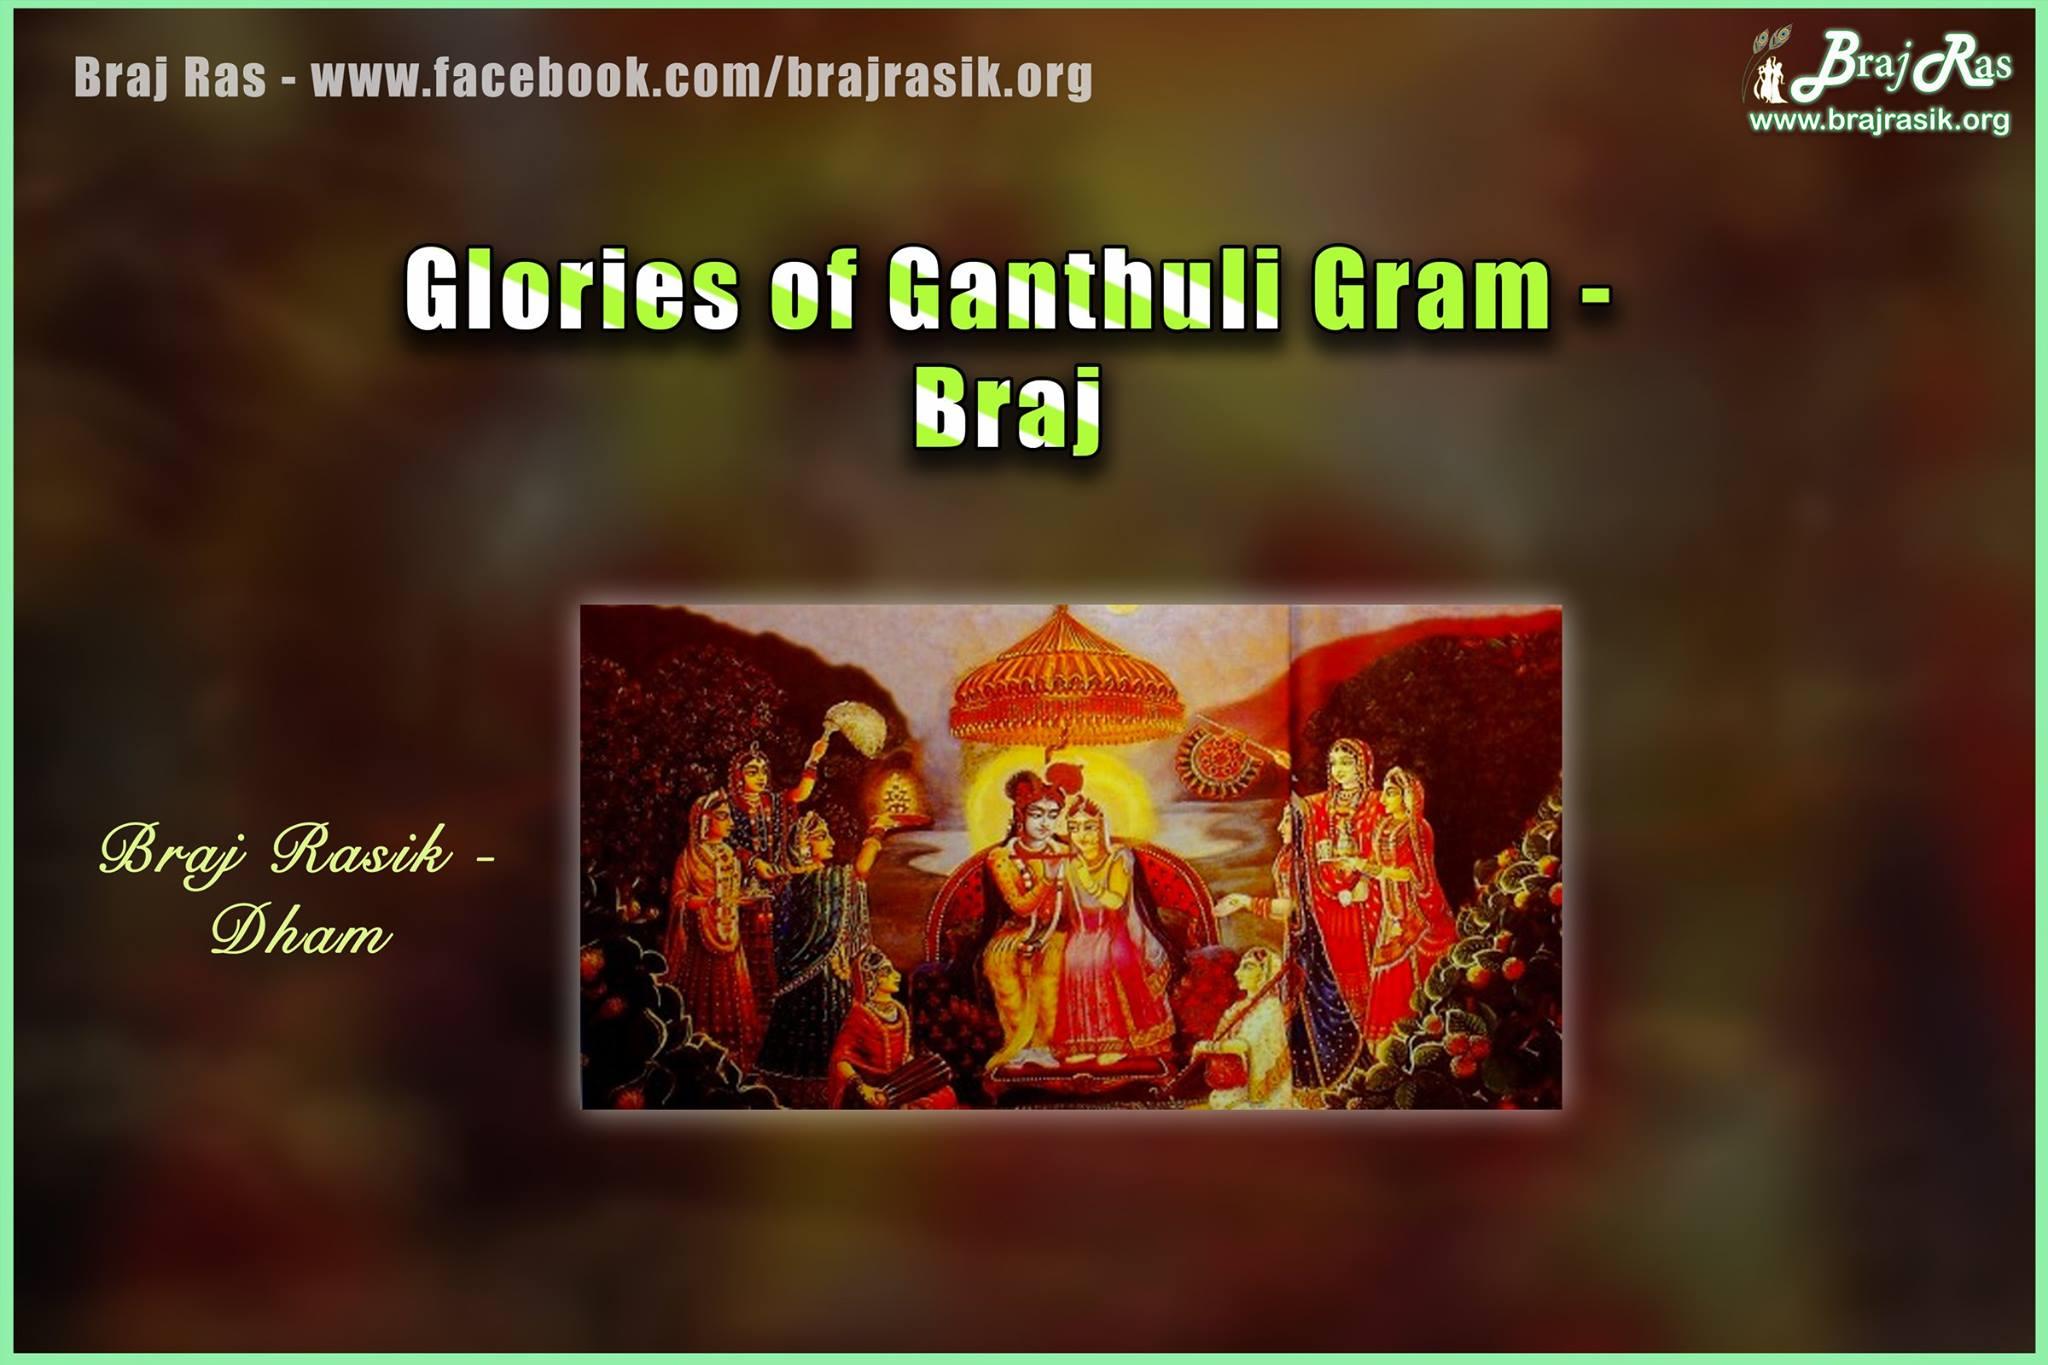 Glories of Ganthuli Gram -Braj